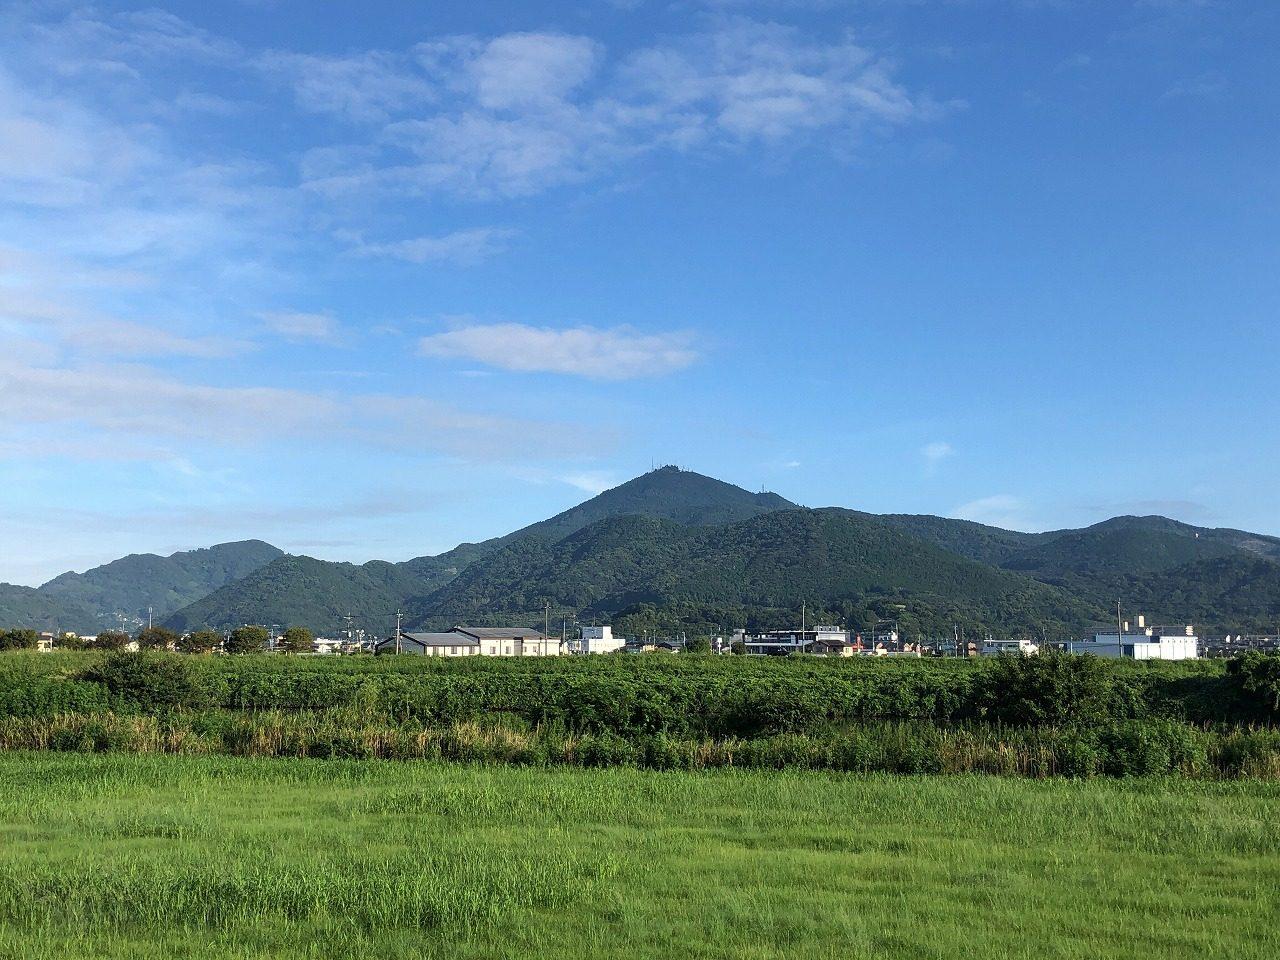 2019.9.3今朝の金峰山(熊本)です。